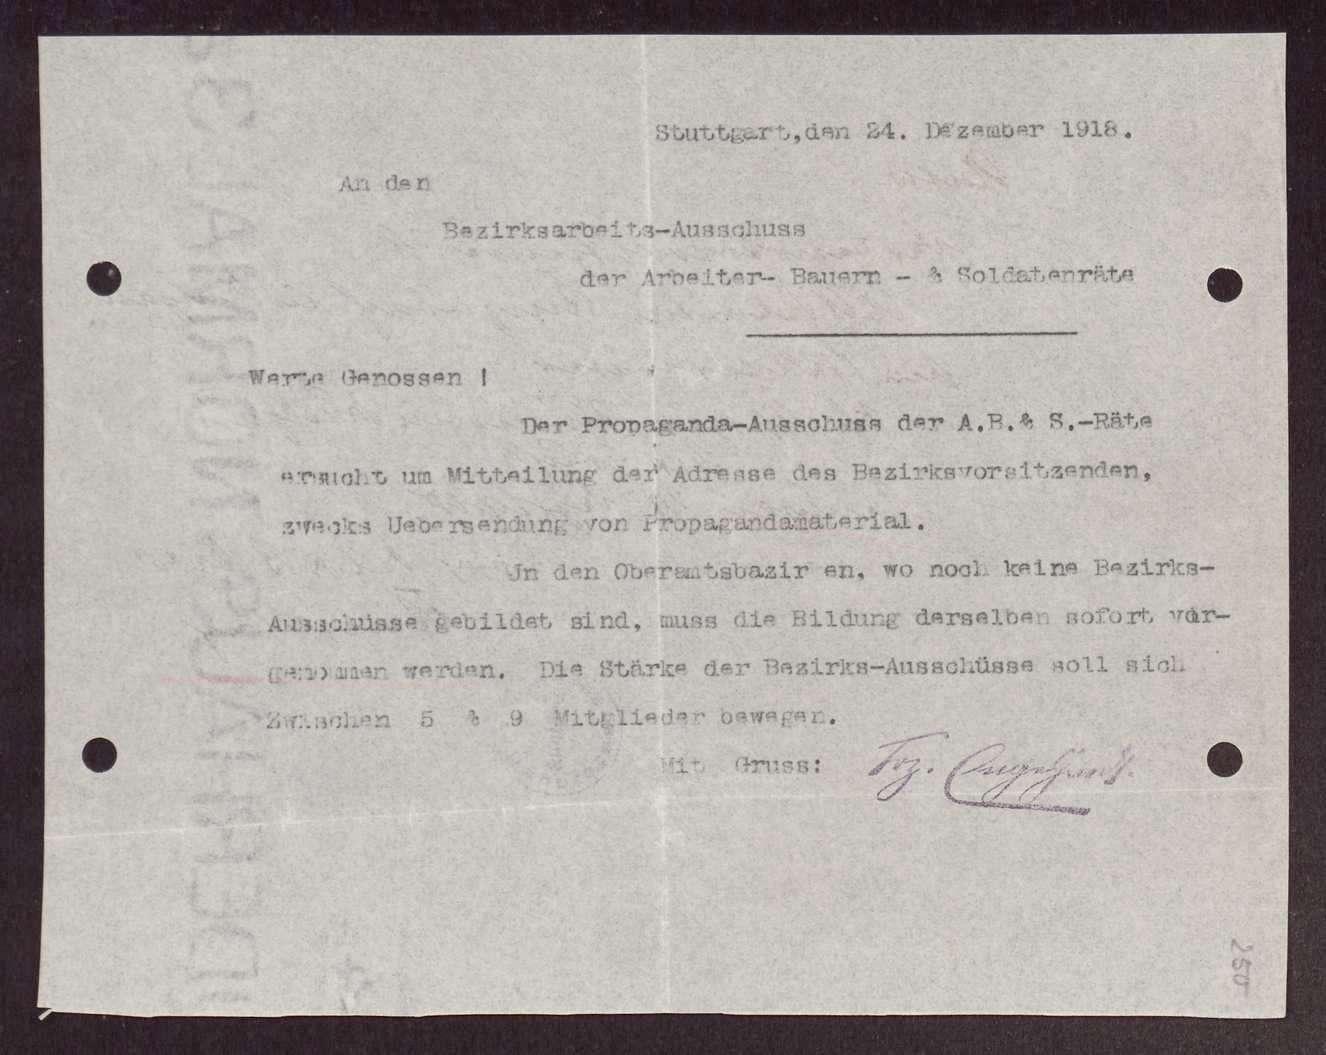 Wahl, Zusammensetzung und Auflösung der Arbeiter- und Bauernräte im Oberamt Saulgau, Bild 2